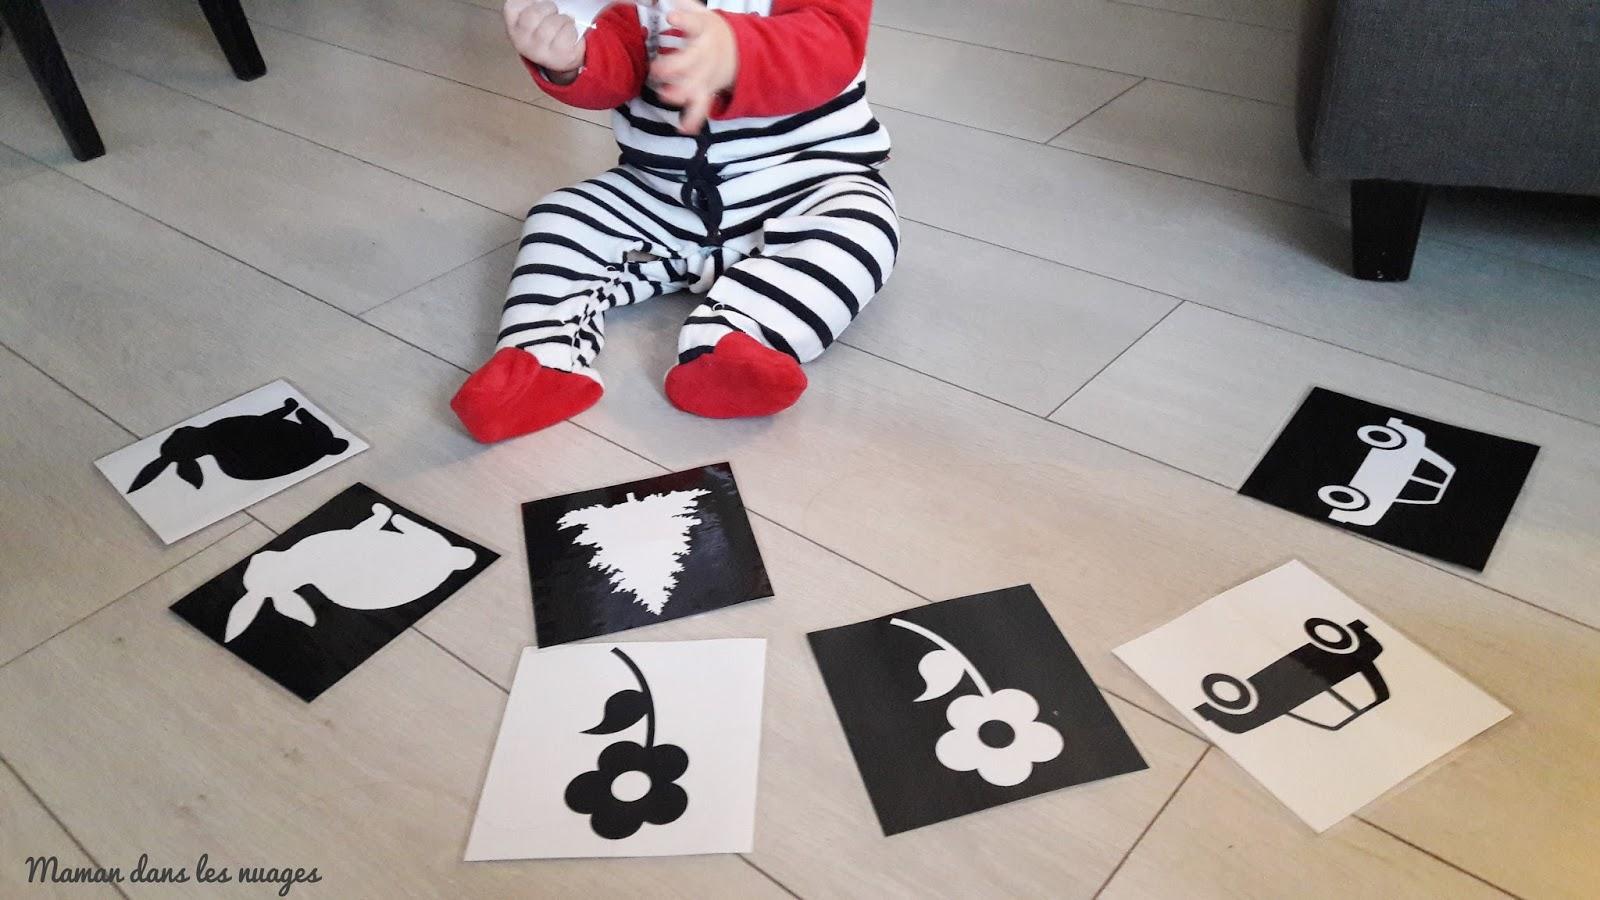 Maman Dans Les Nuages Images Contrastees En Noir Et Blanc